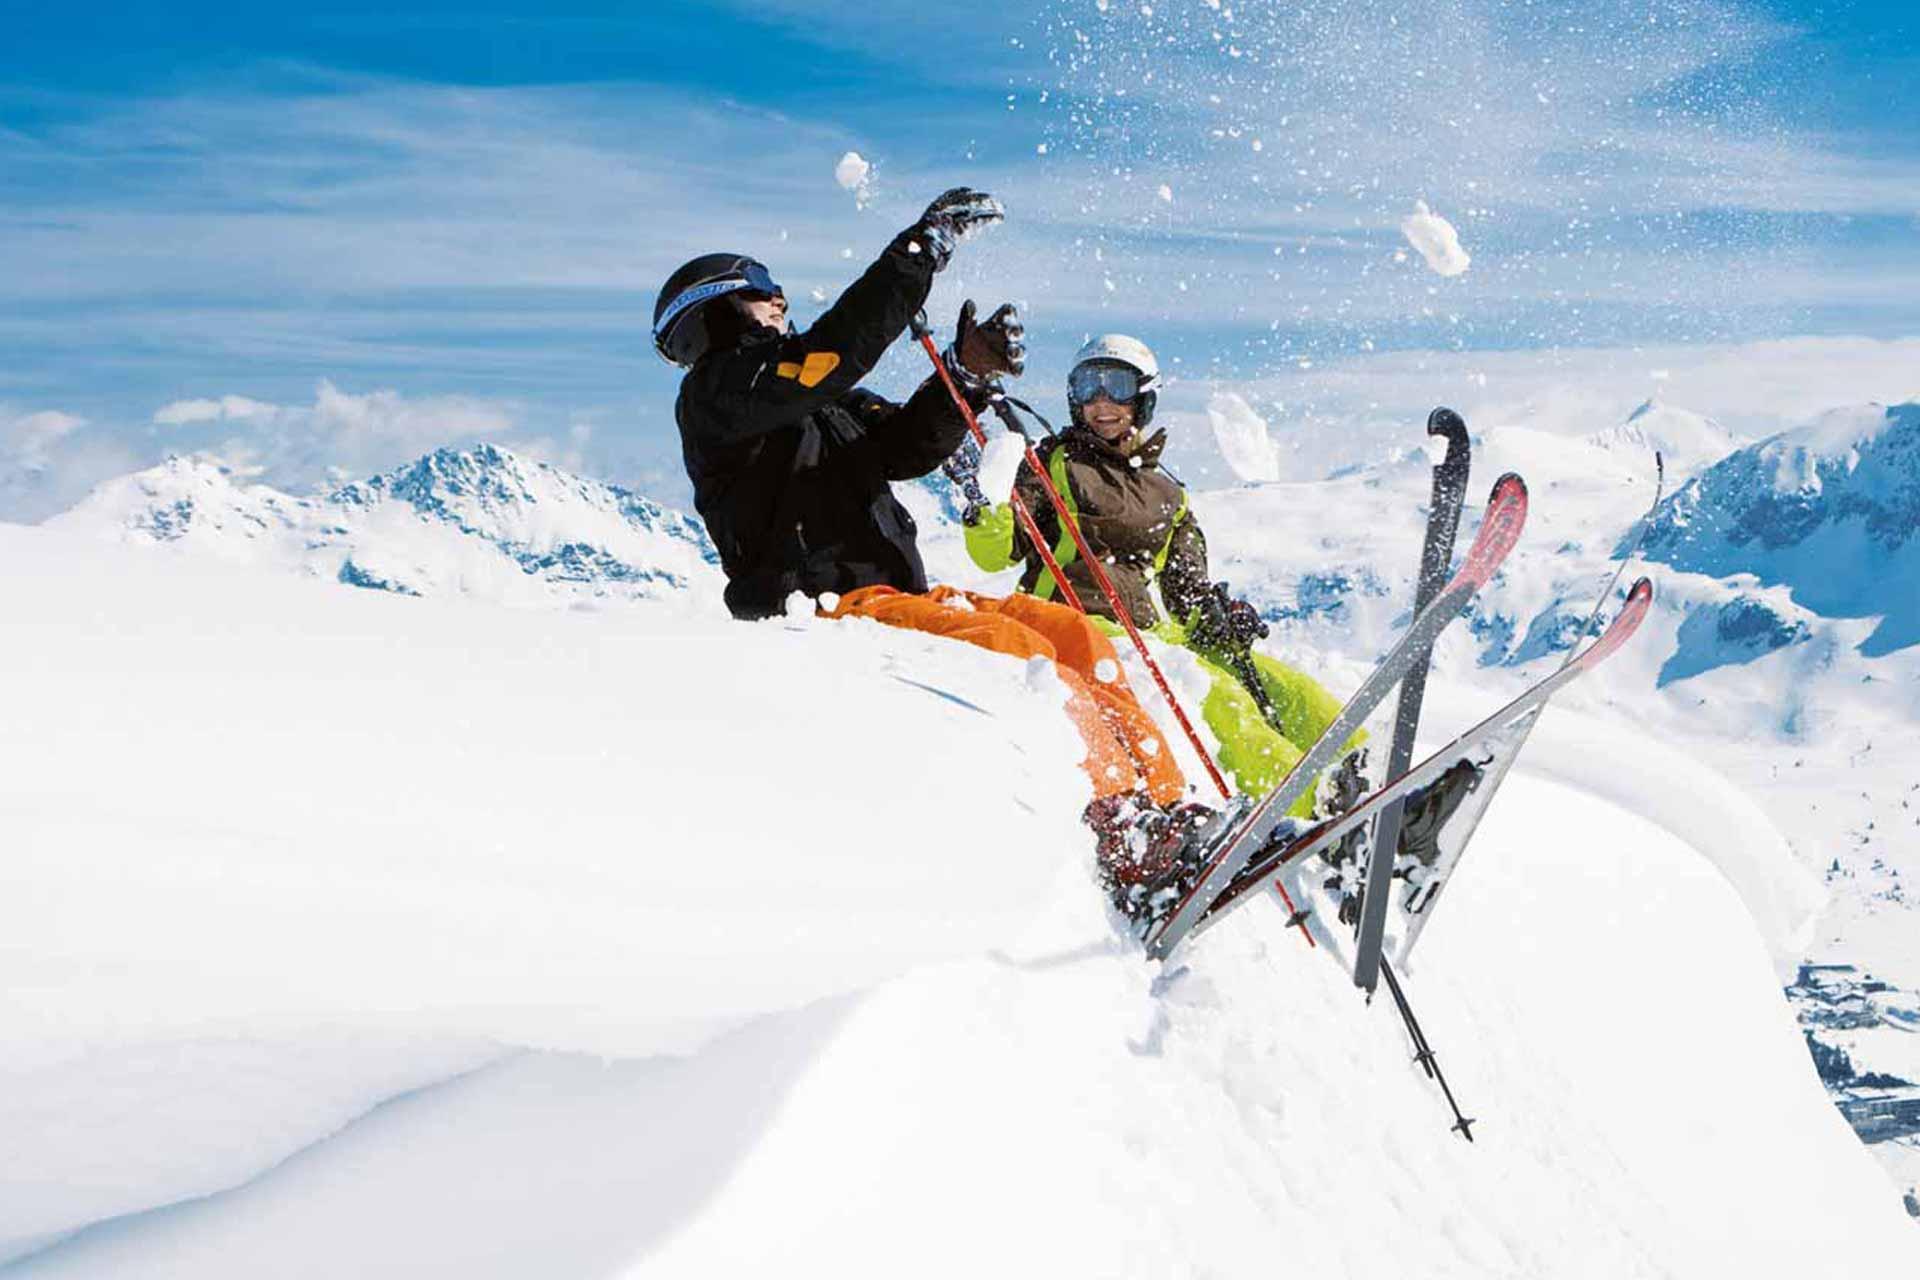 Bambini sulla neve - Divertimento Monterosa Gressoney